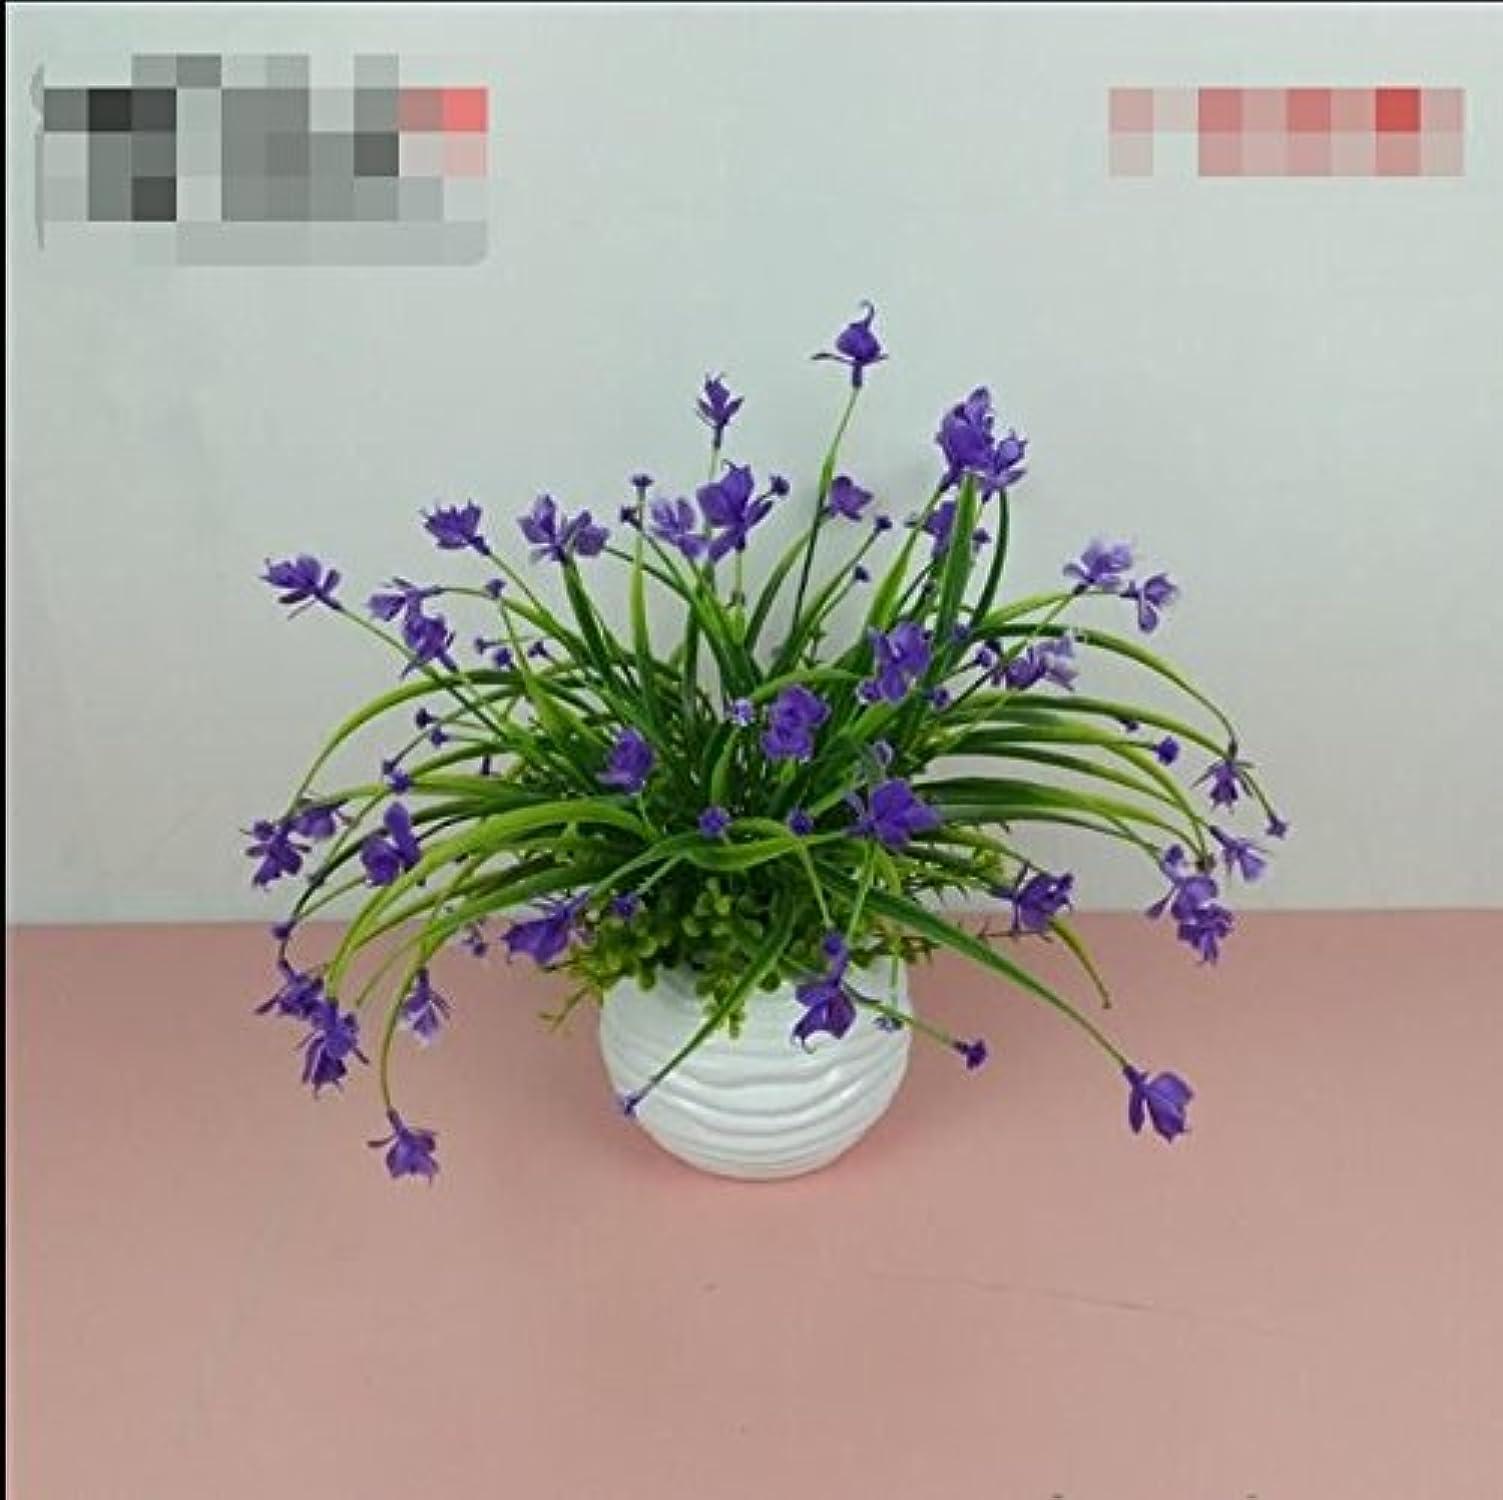 compra limitada LSRHT Phalaenopsis Macetas con Plantas Flores De De De Seda Flores Artificiales Salón Azul  a la venta